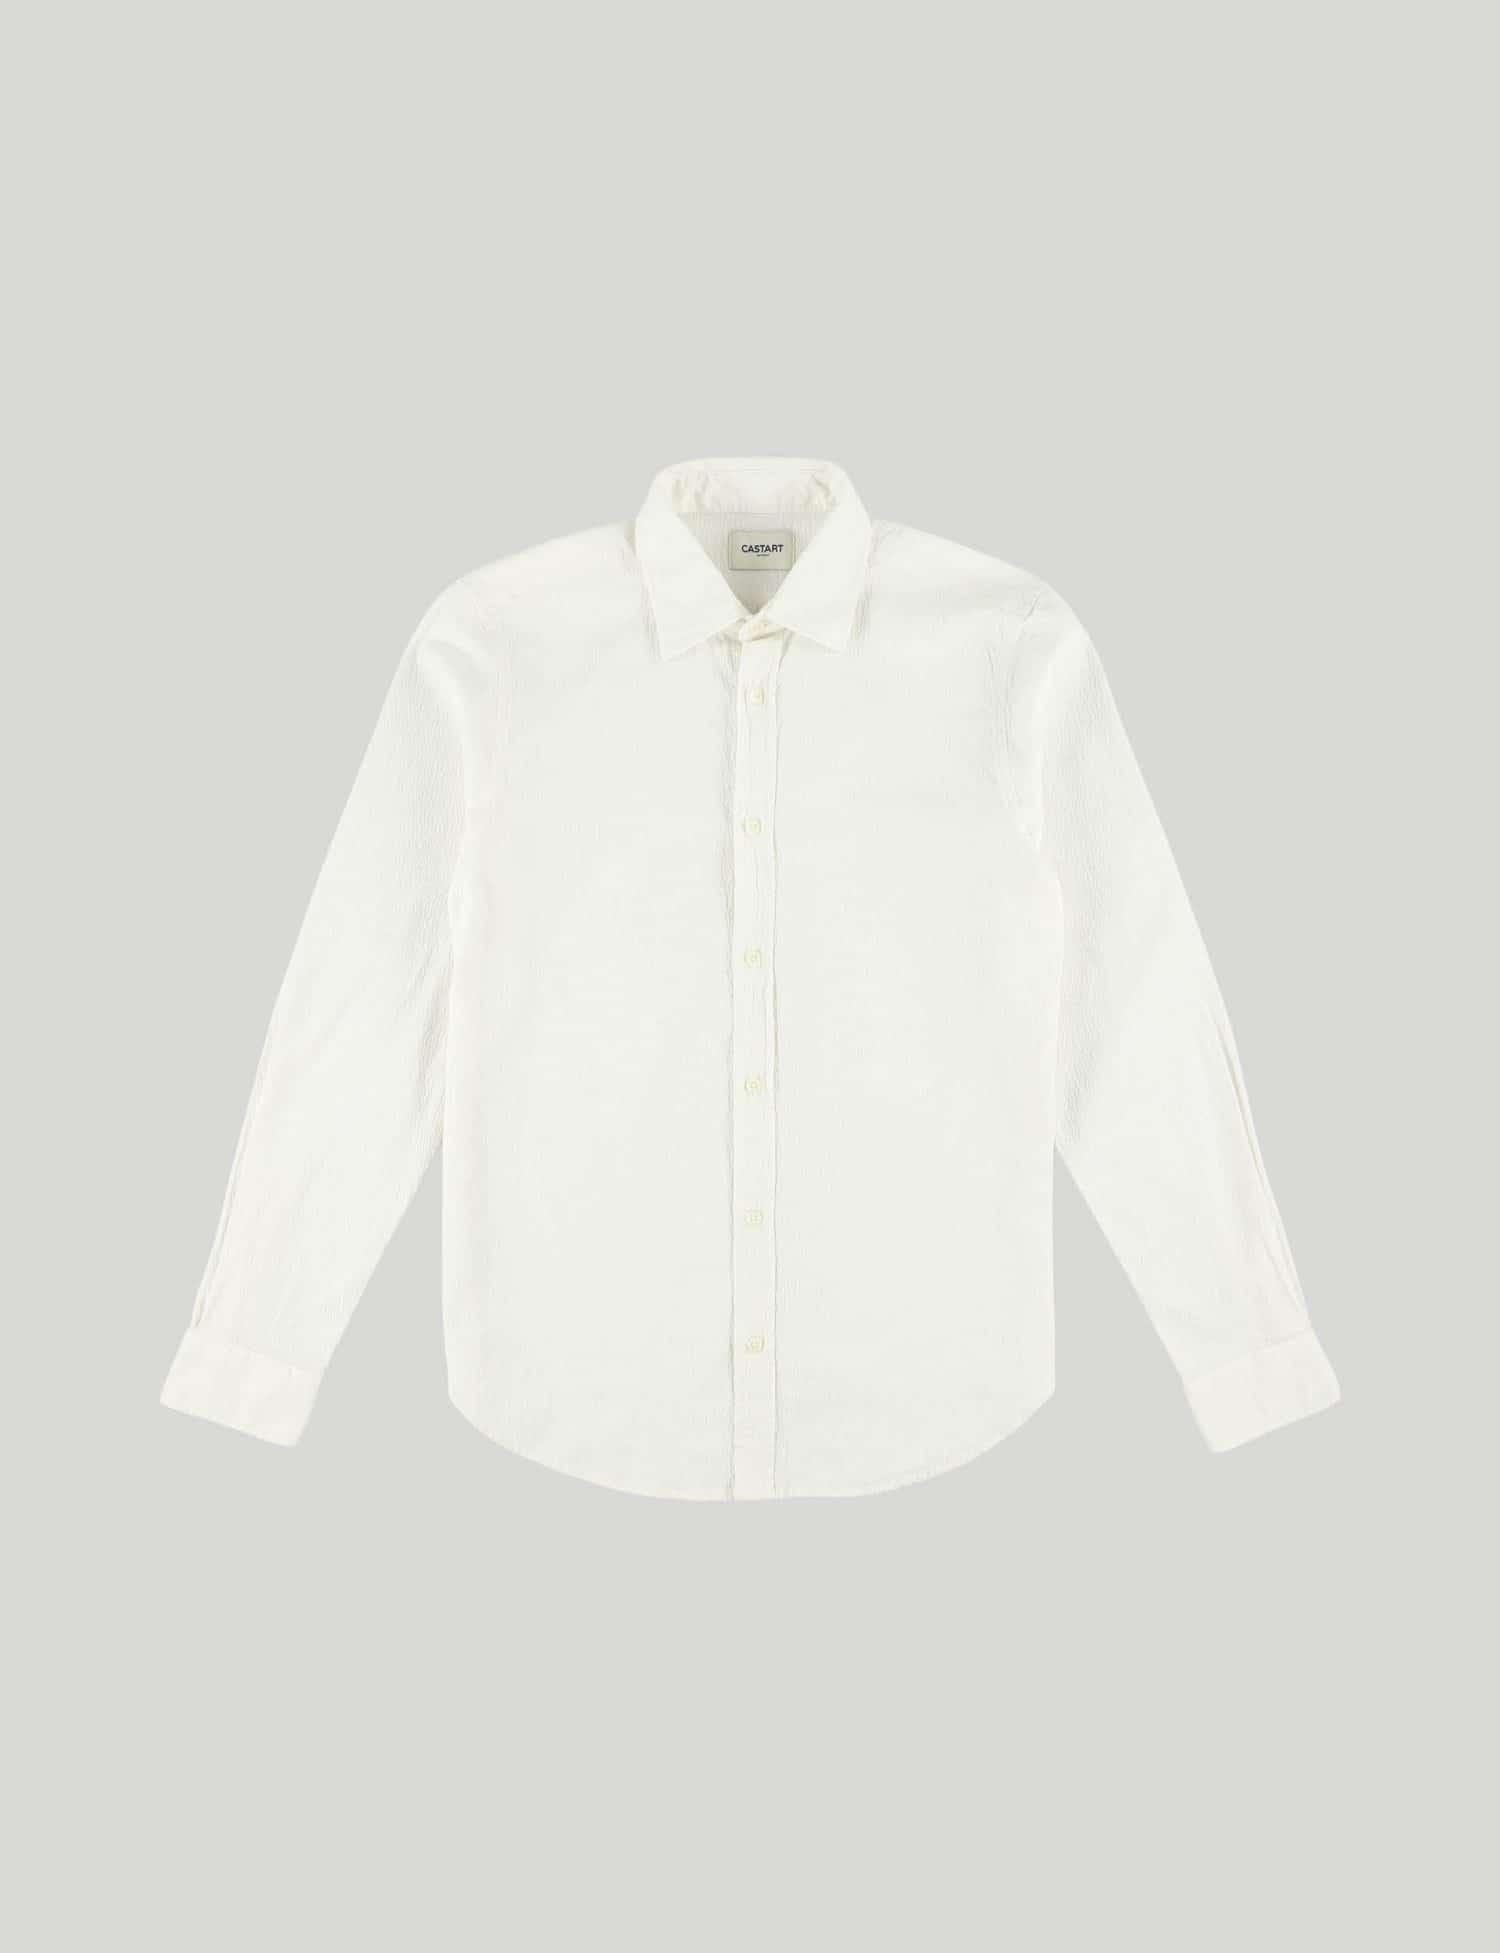 Castart - Tiger Tooth LS Shirt - Ecru